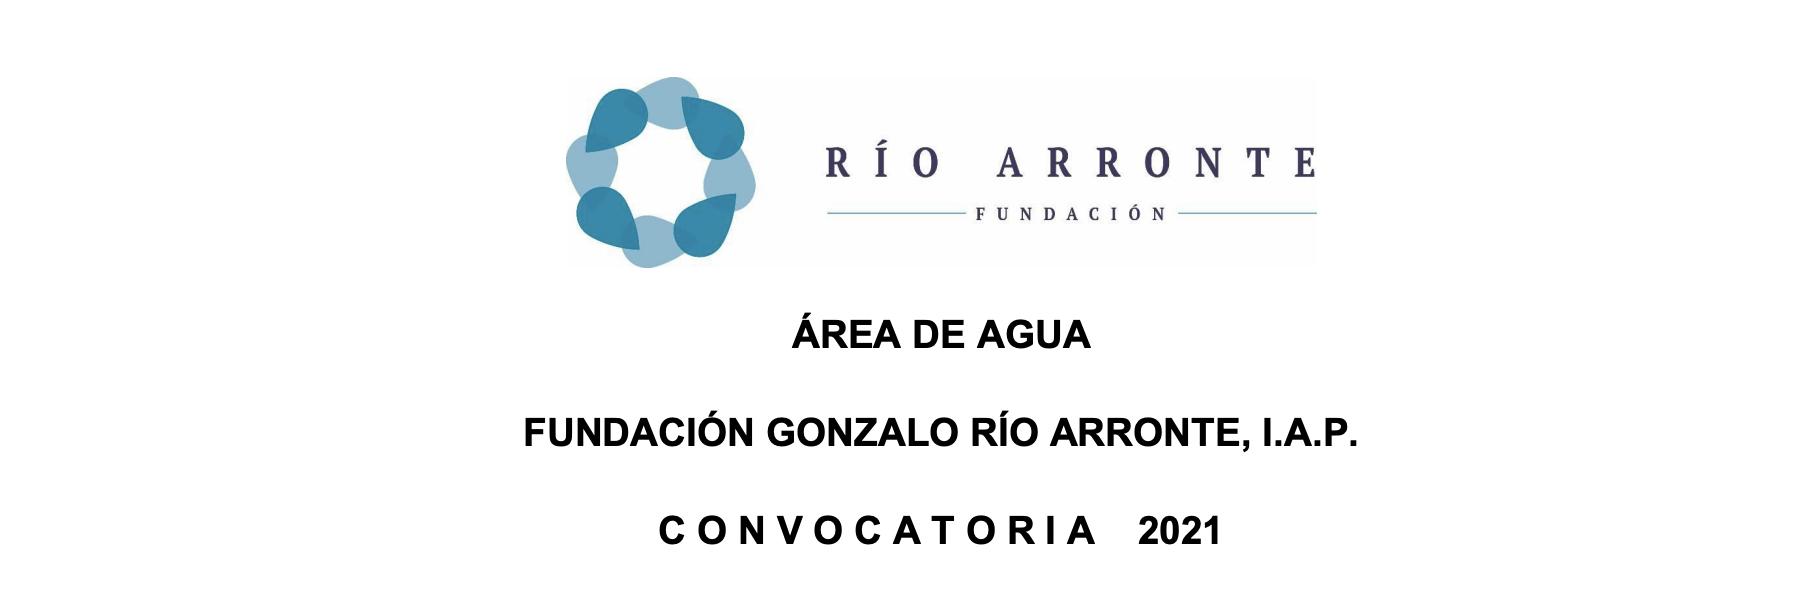 Convocatoria 2021 Fundación Gonzalo Río Arronte, I.A.P.- Área de Agua